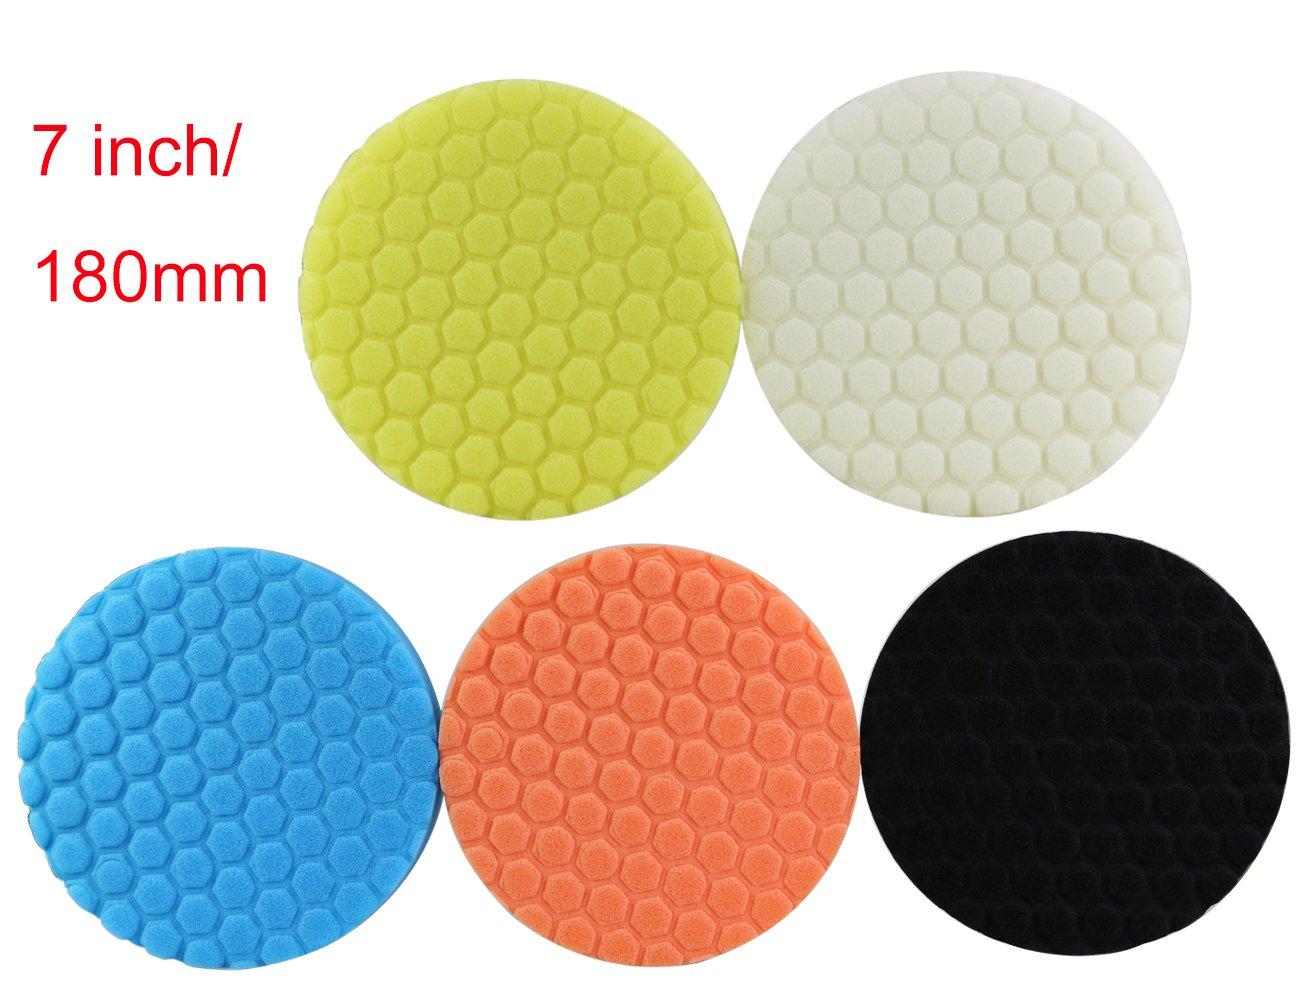 Almohadilla de pulido hexagonal de 7 pulgadas 180 mm para el paquete del pulidor del coche de 5 AGGER